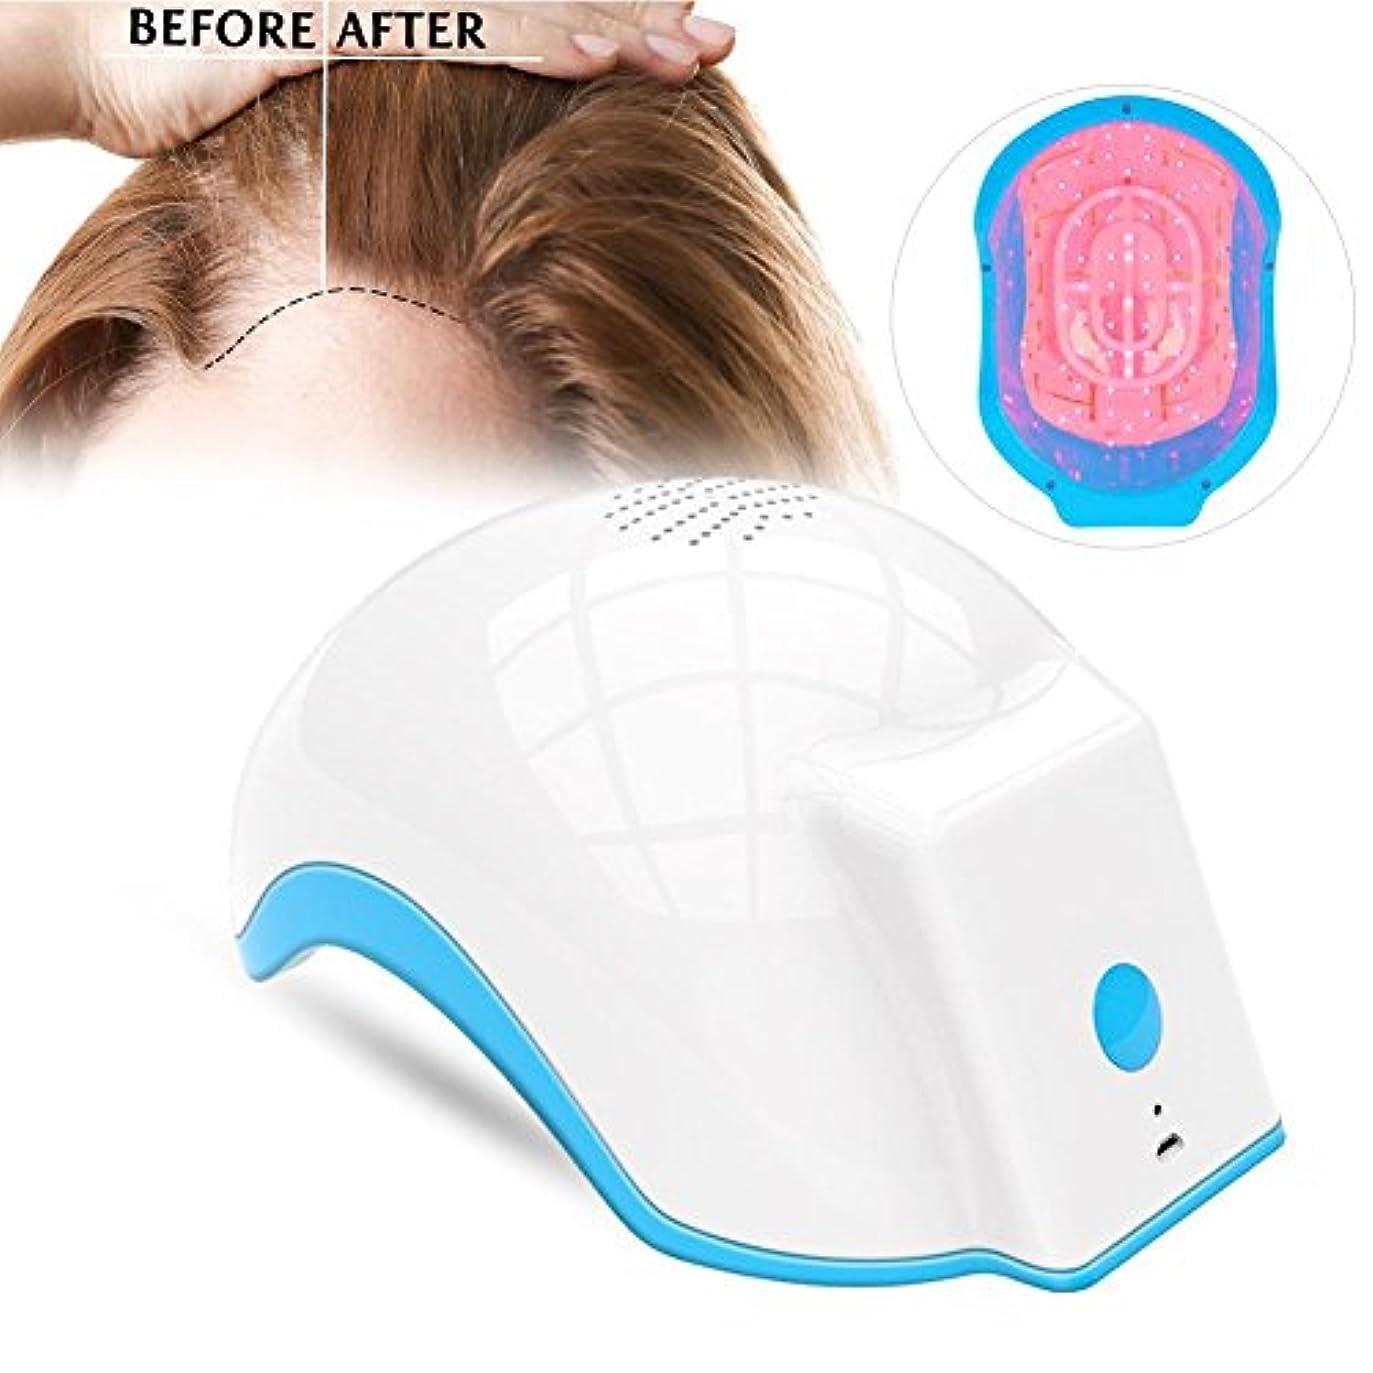 破裂リーカール育毛ヘルメット 抜け毛対策 再生脱毛症 キャップヘルメットマッサージ機器(1)